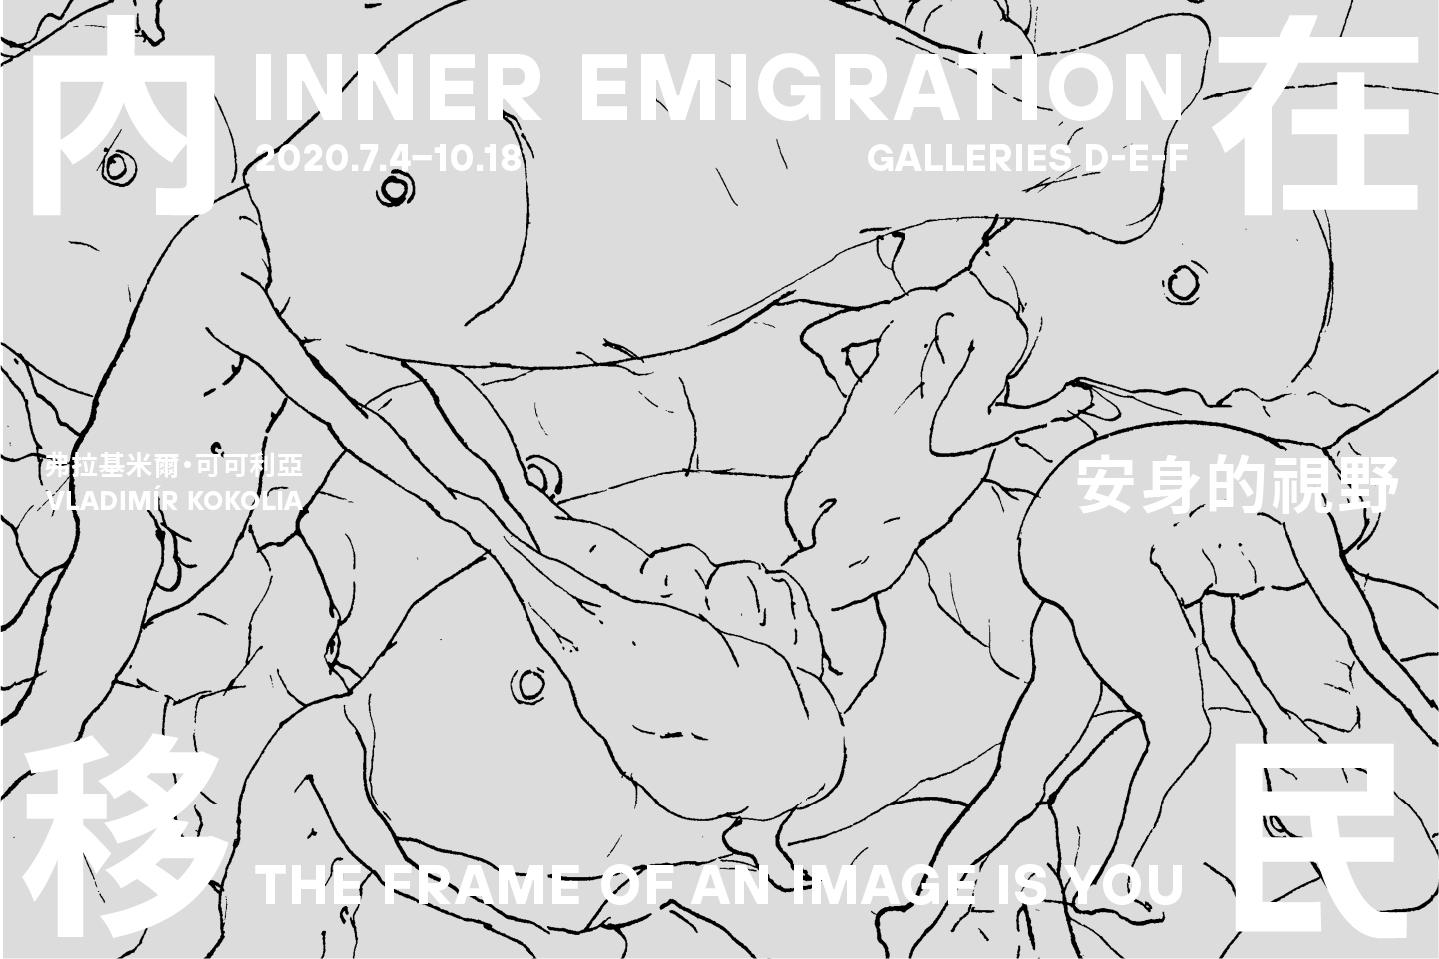 臺北市立美術館:2020/07/04-2020/10/18【內在移民:安身的視野】